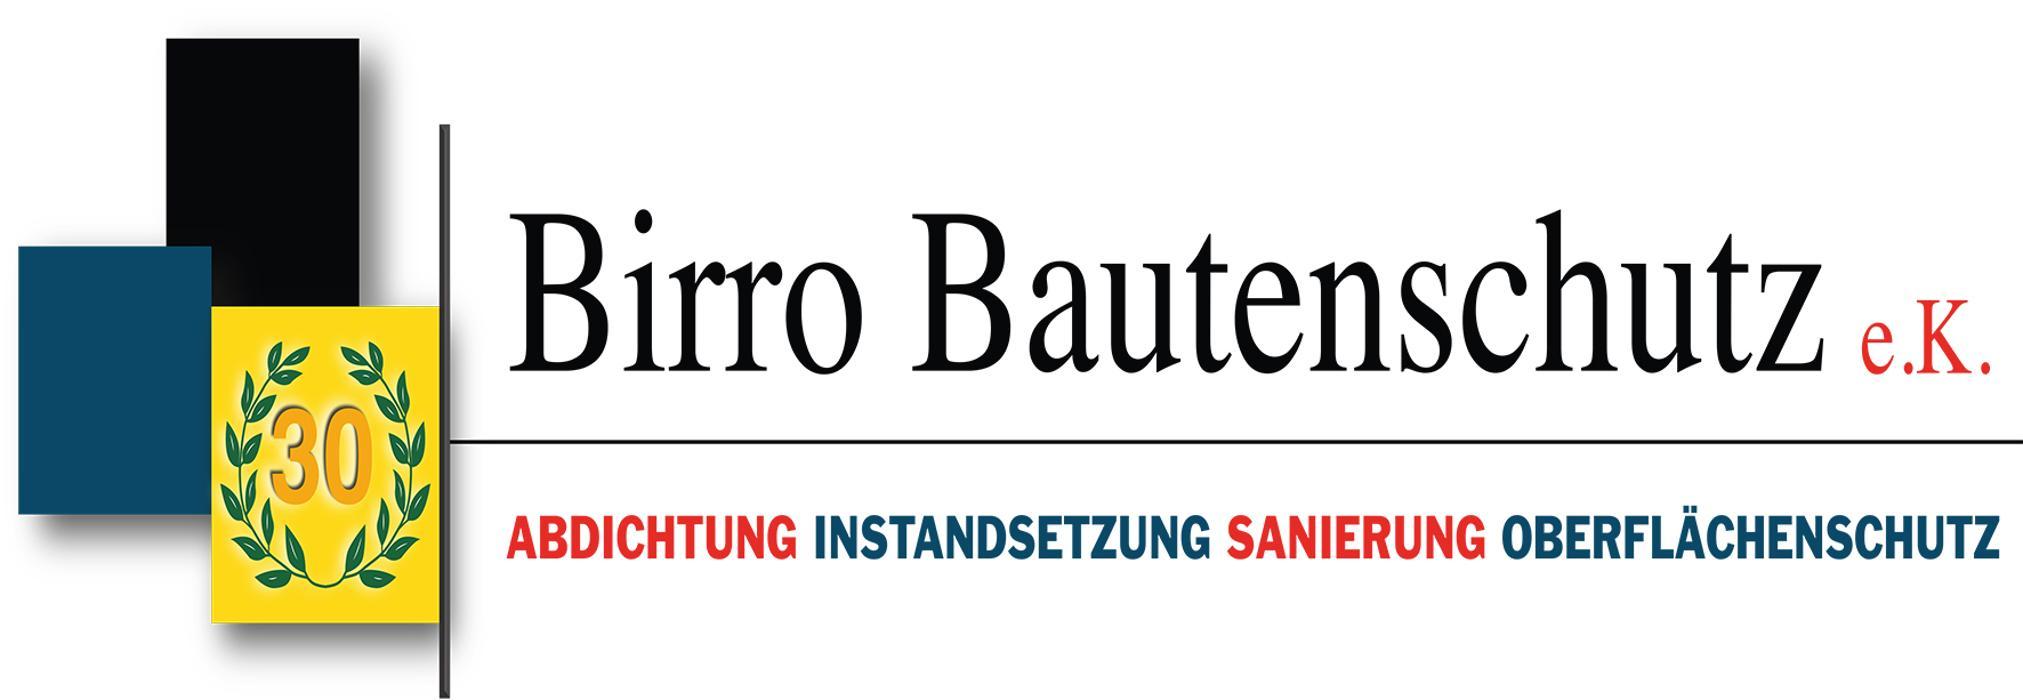 Bild zu Birro Bautenschutz e.K. in Neuwied